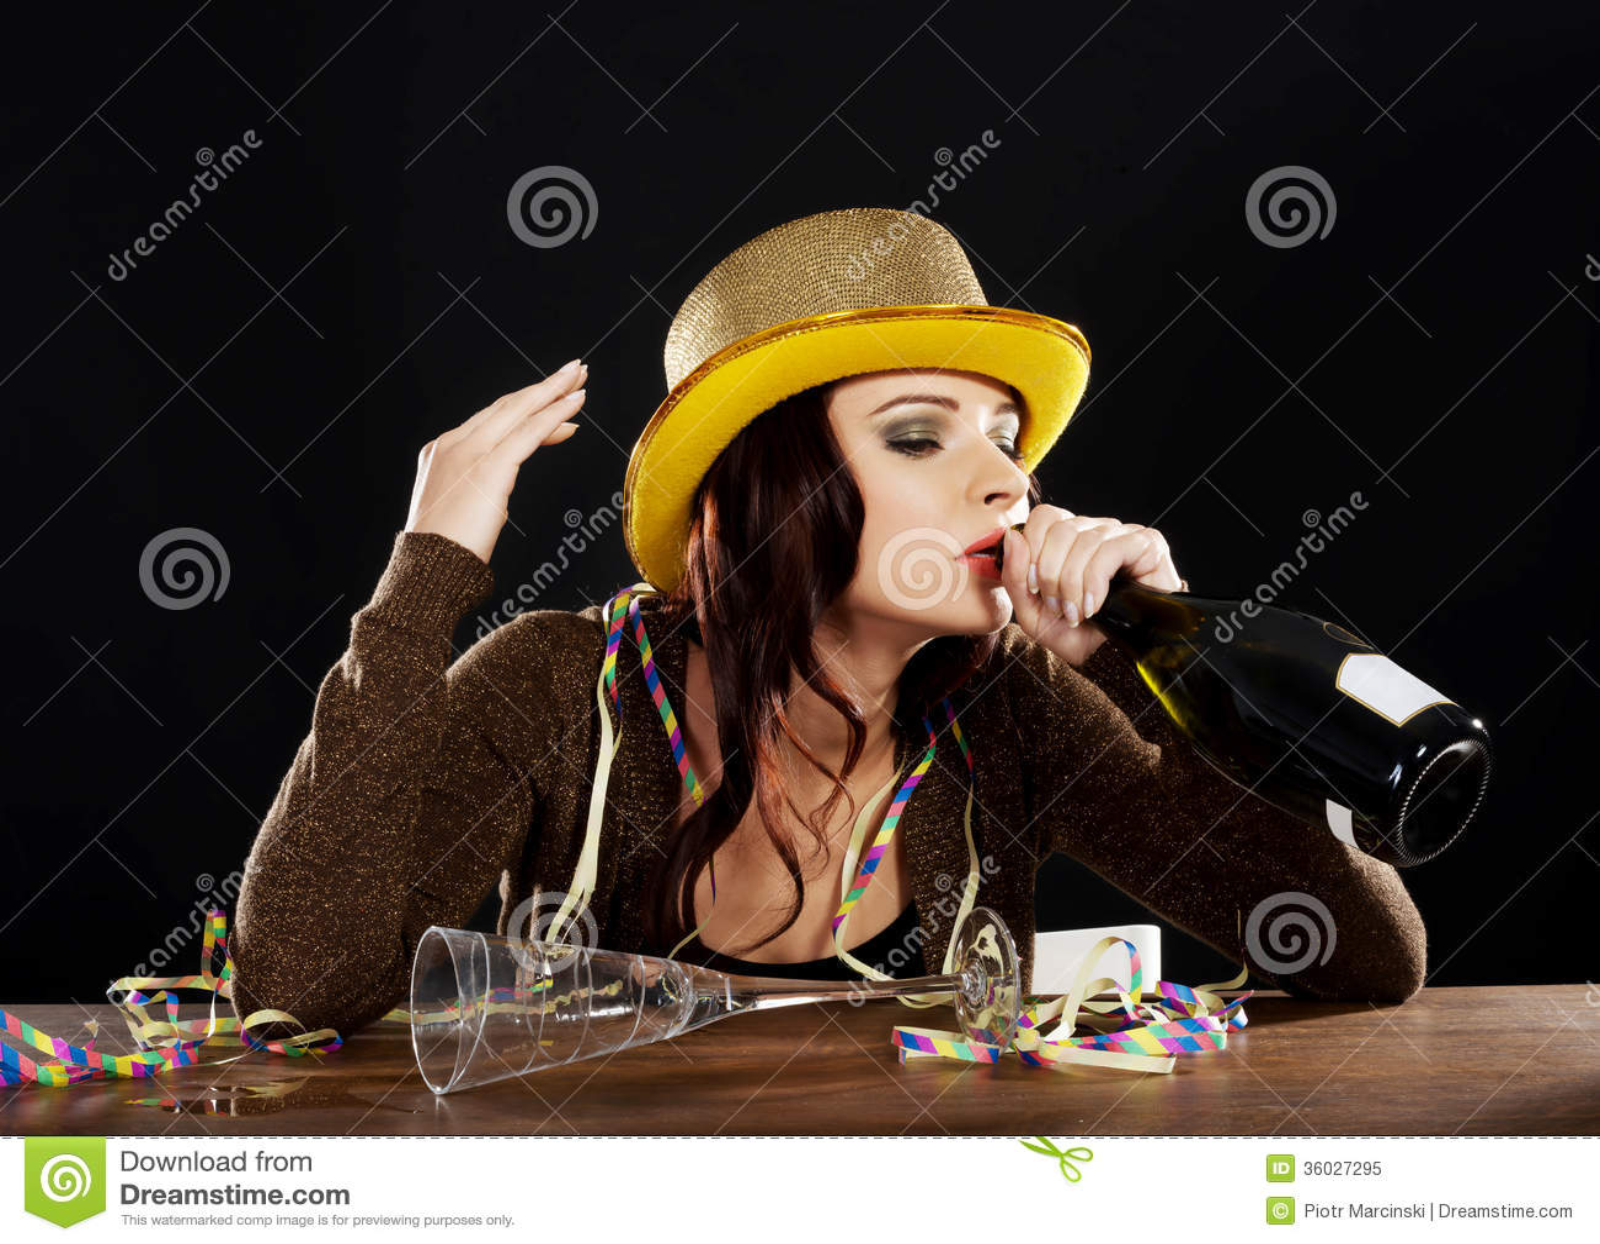 Opiła młoda kobieta świętuje nowy rok wigilię.